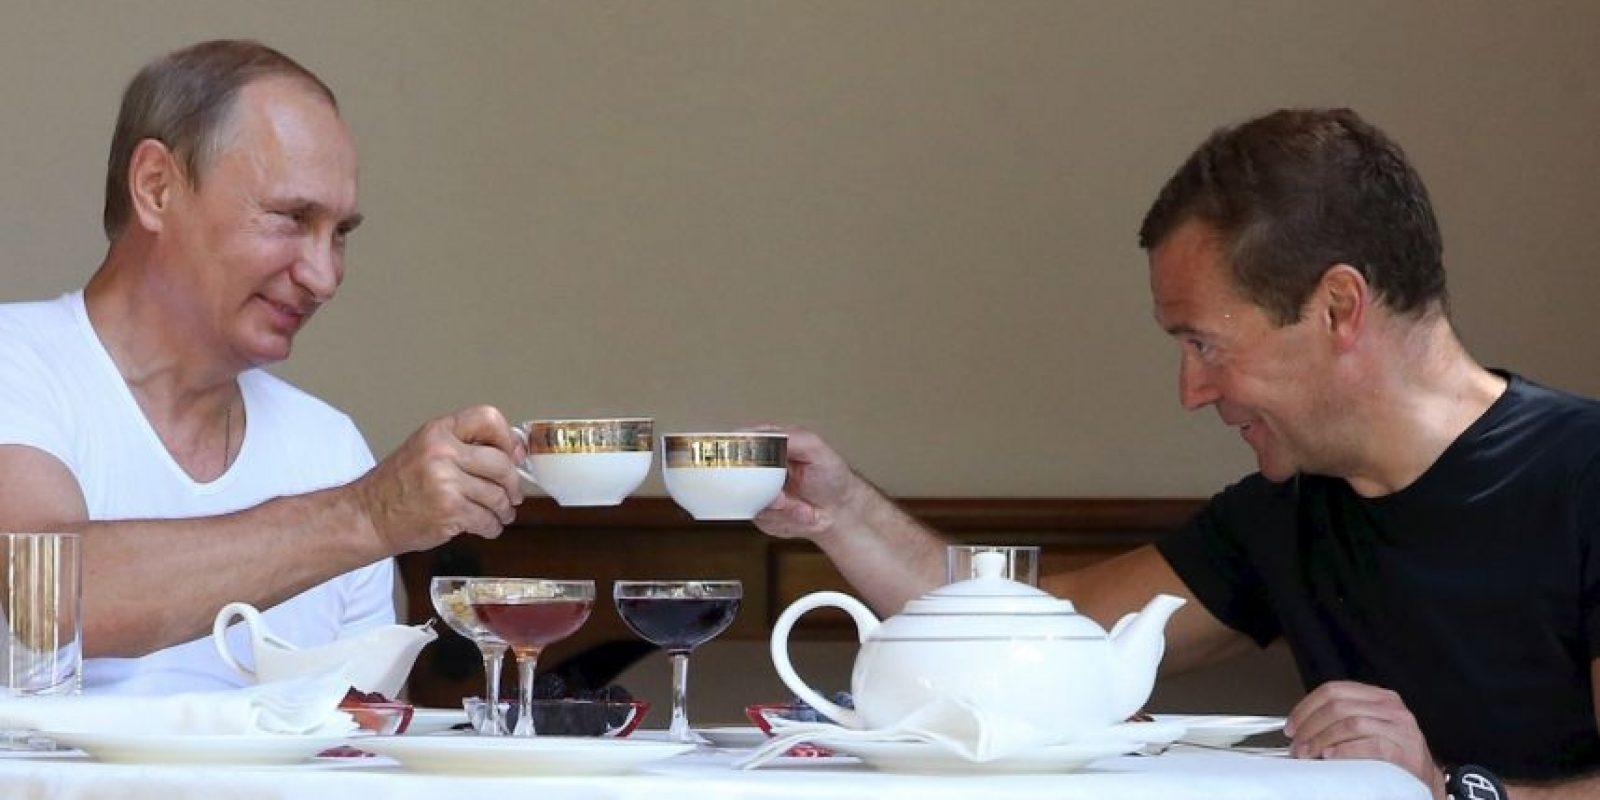 Después de su sesión ambos funcionarios se relajaron con una tasa de té. Foto:AFP